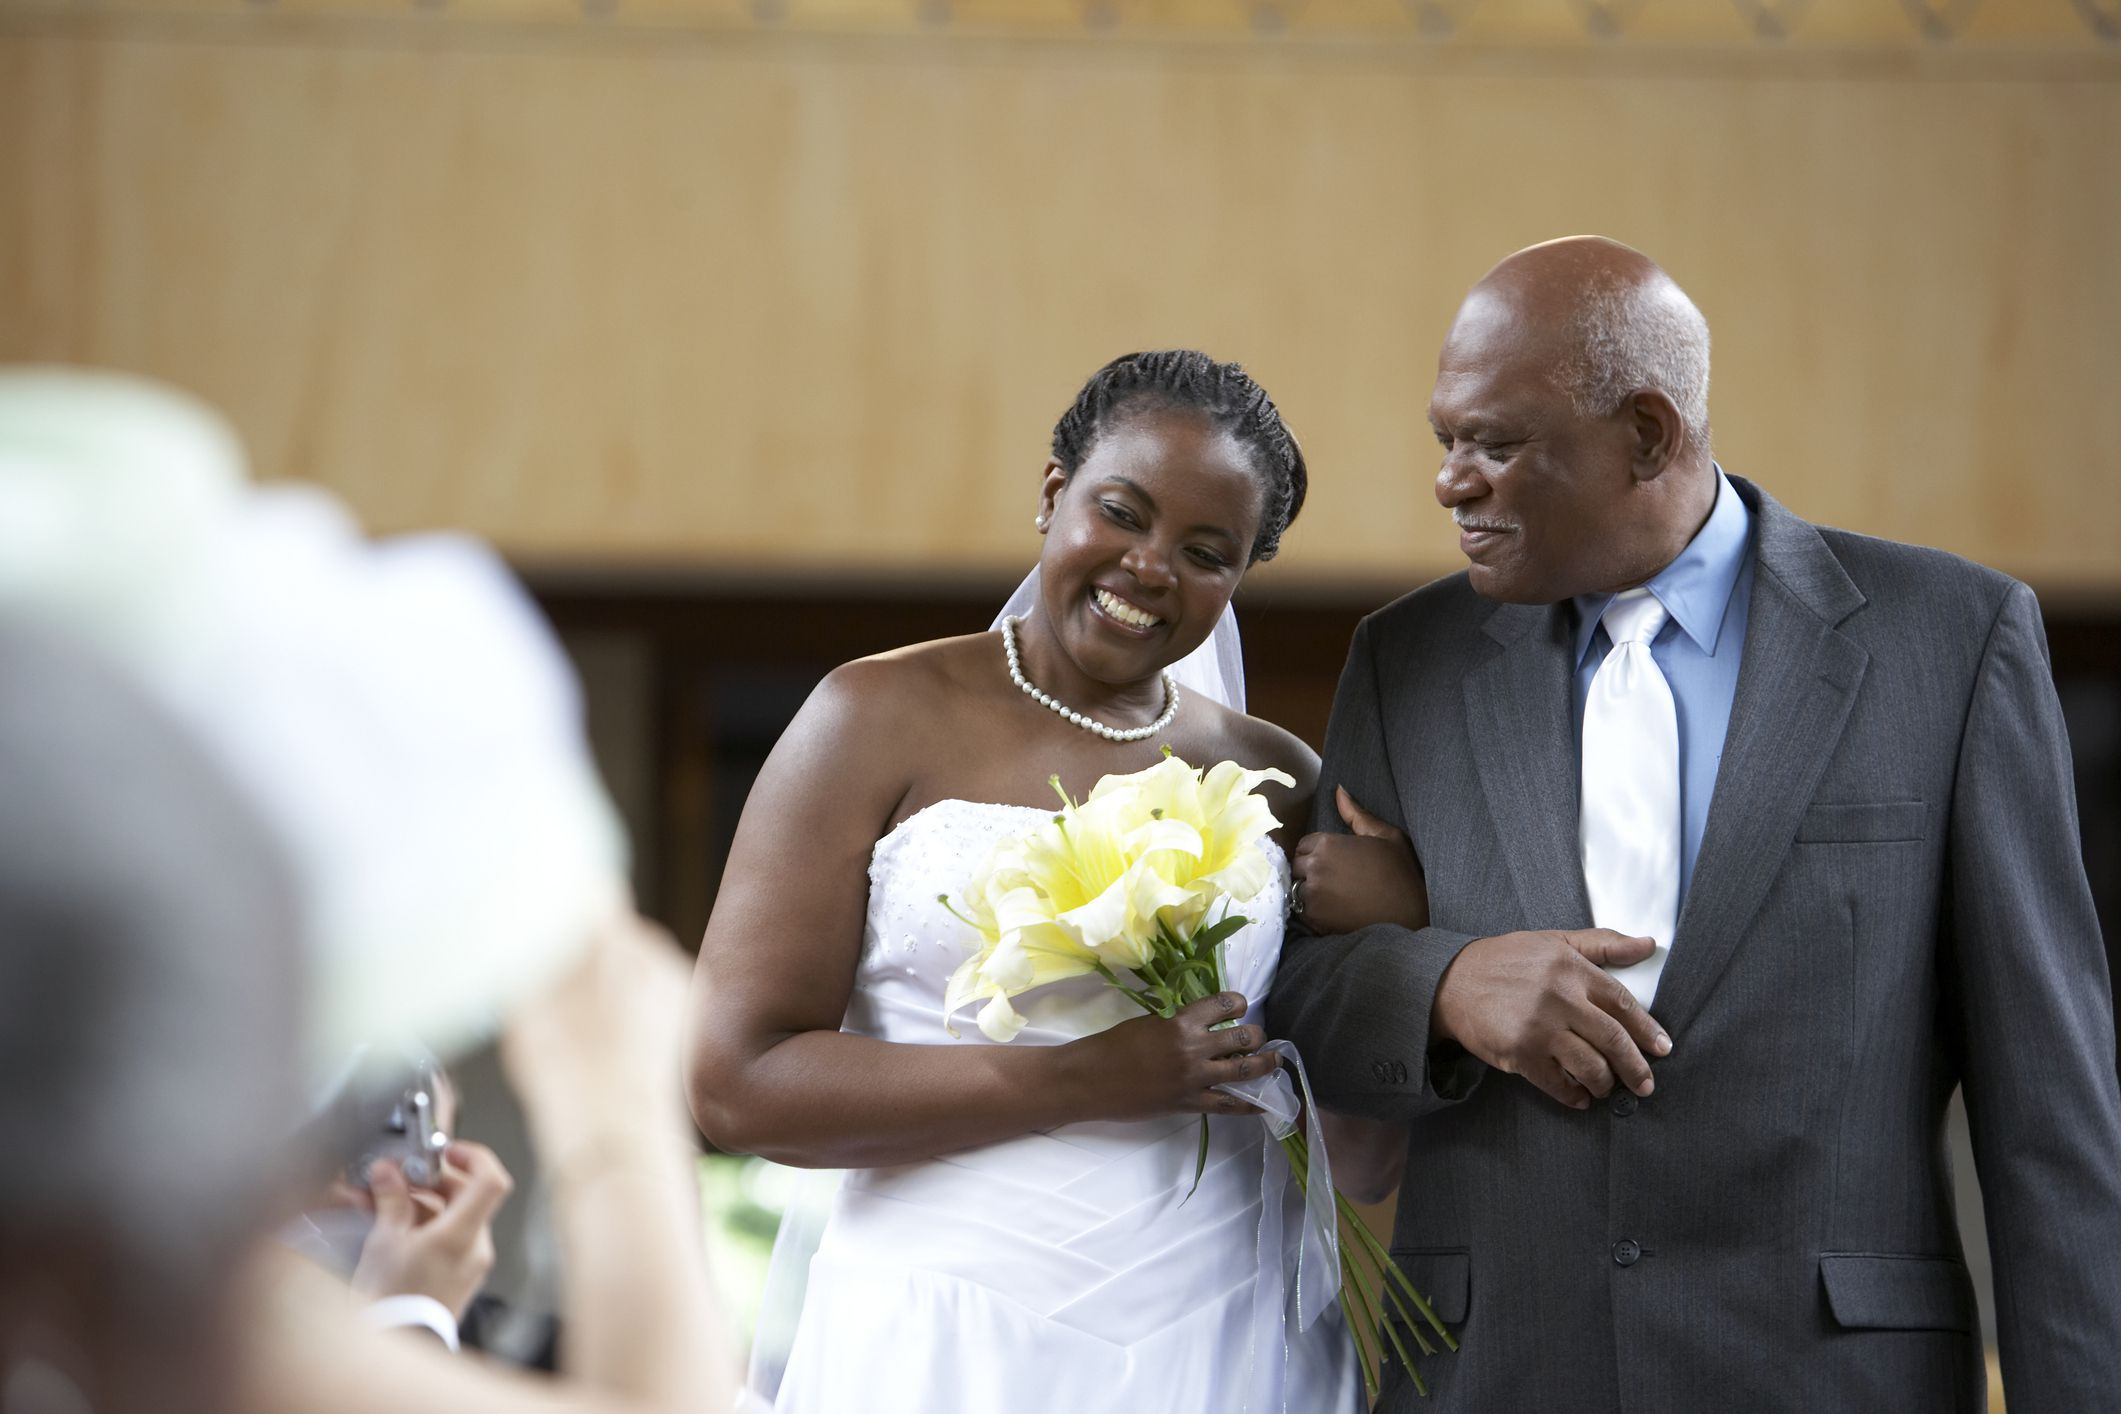 Wedding Songs Walk Down Aisle Church: Who Walks The Bride Down The Aisle?